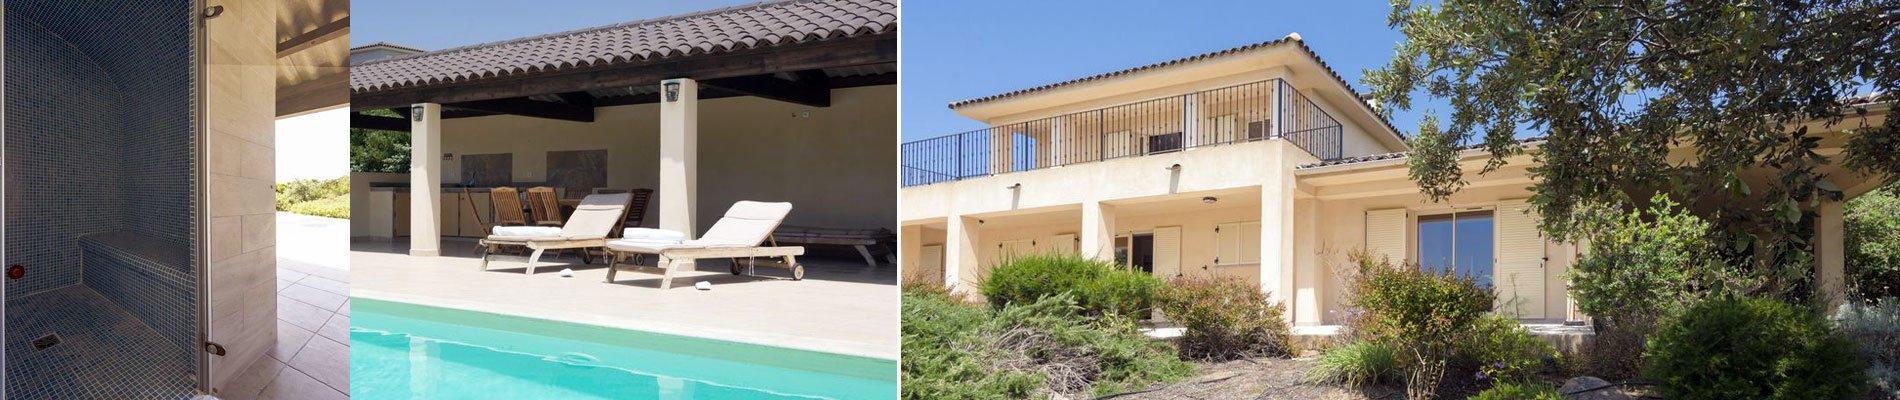 villa-10-personen-Pianottoli-Caldarello-corsica